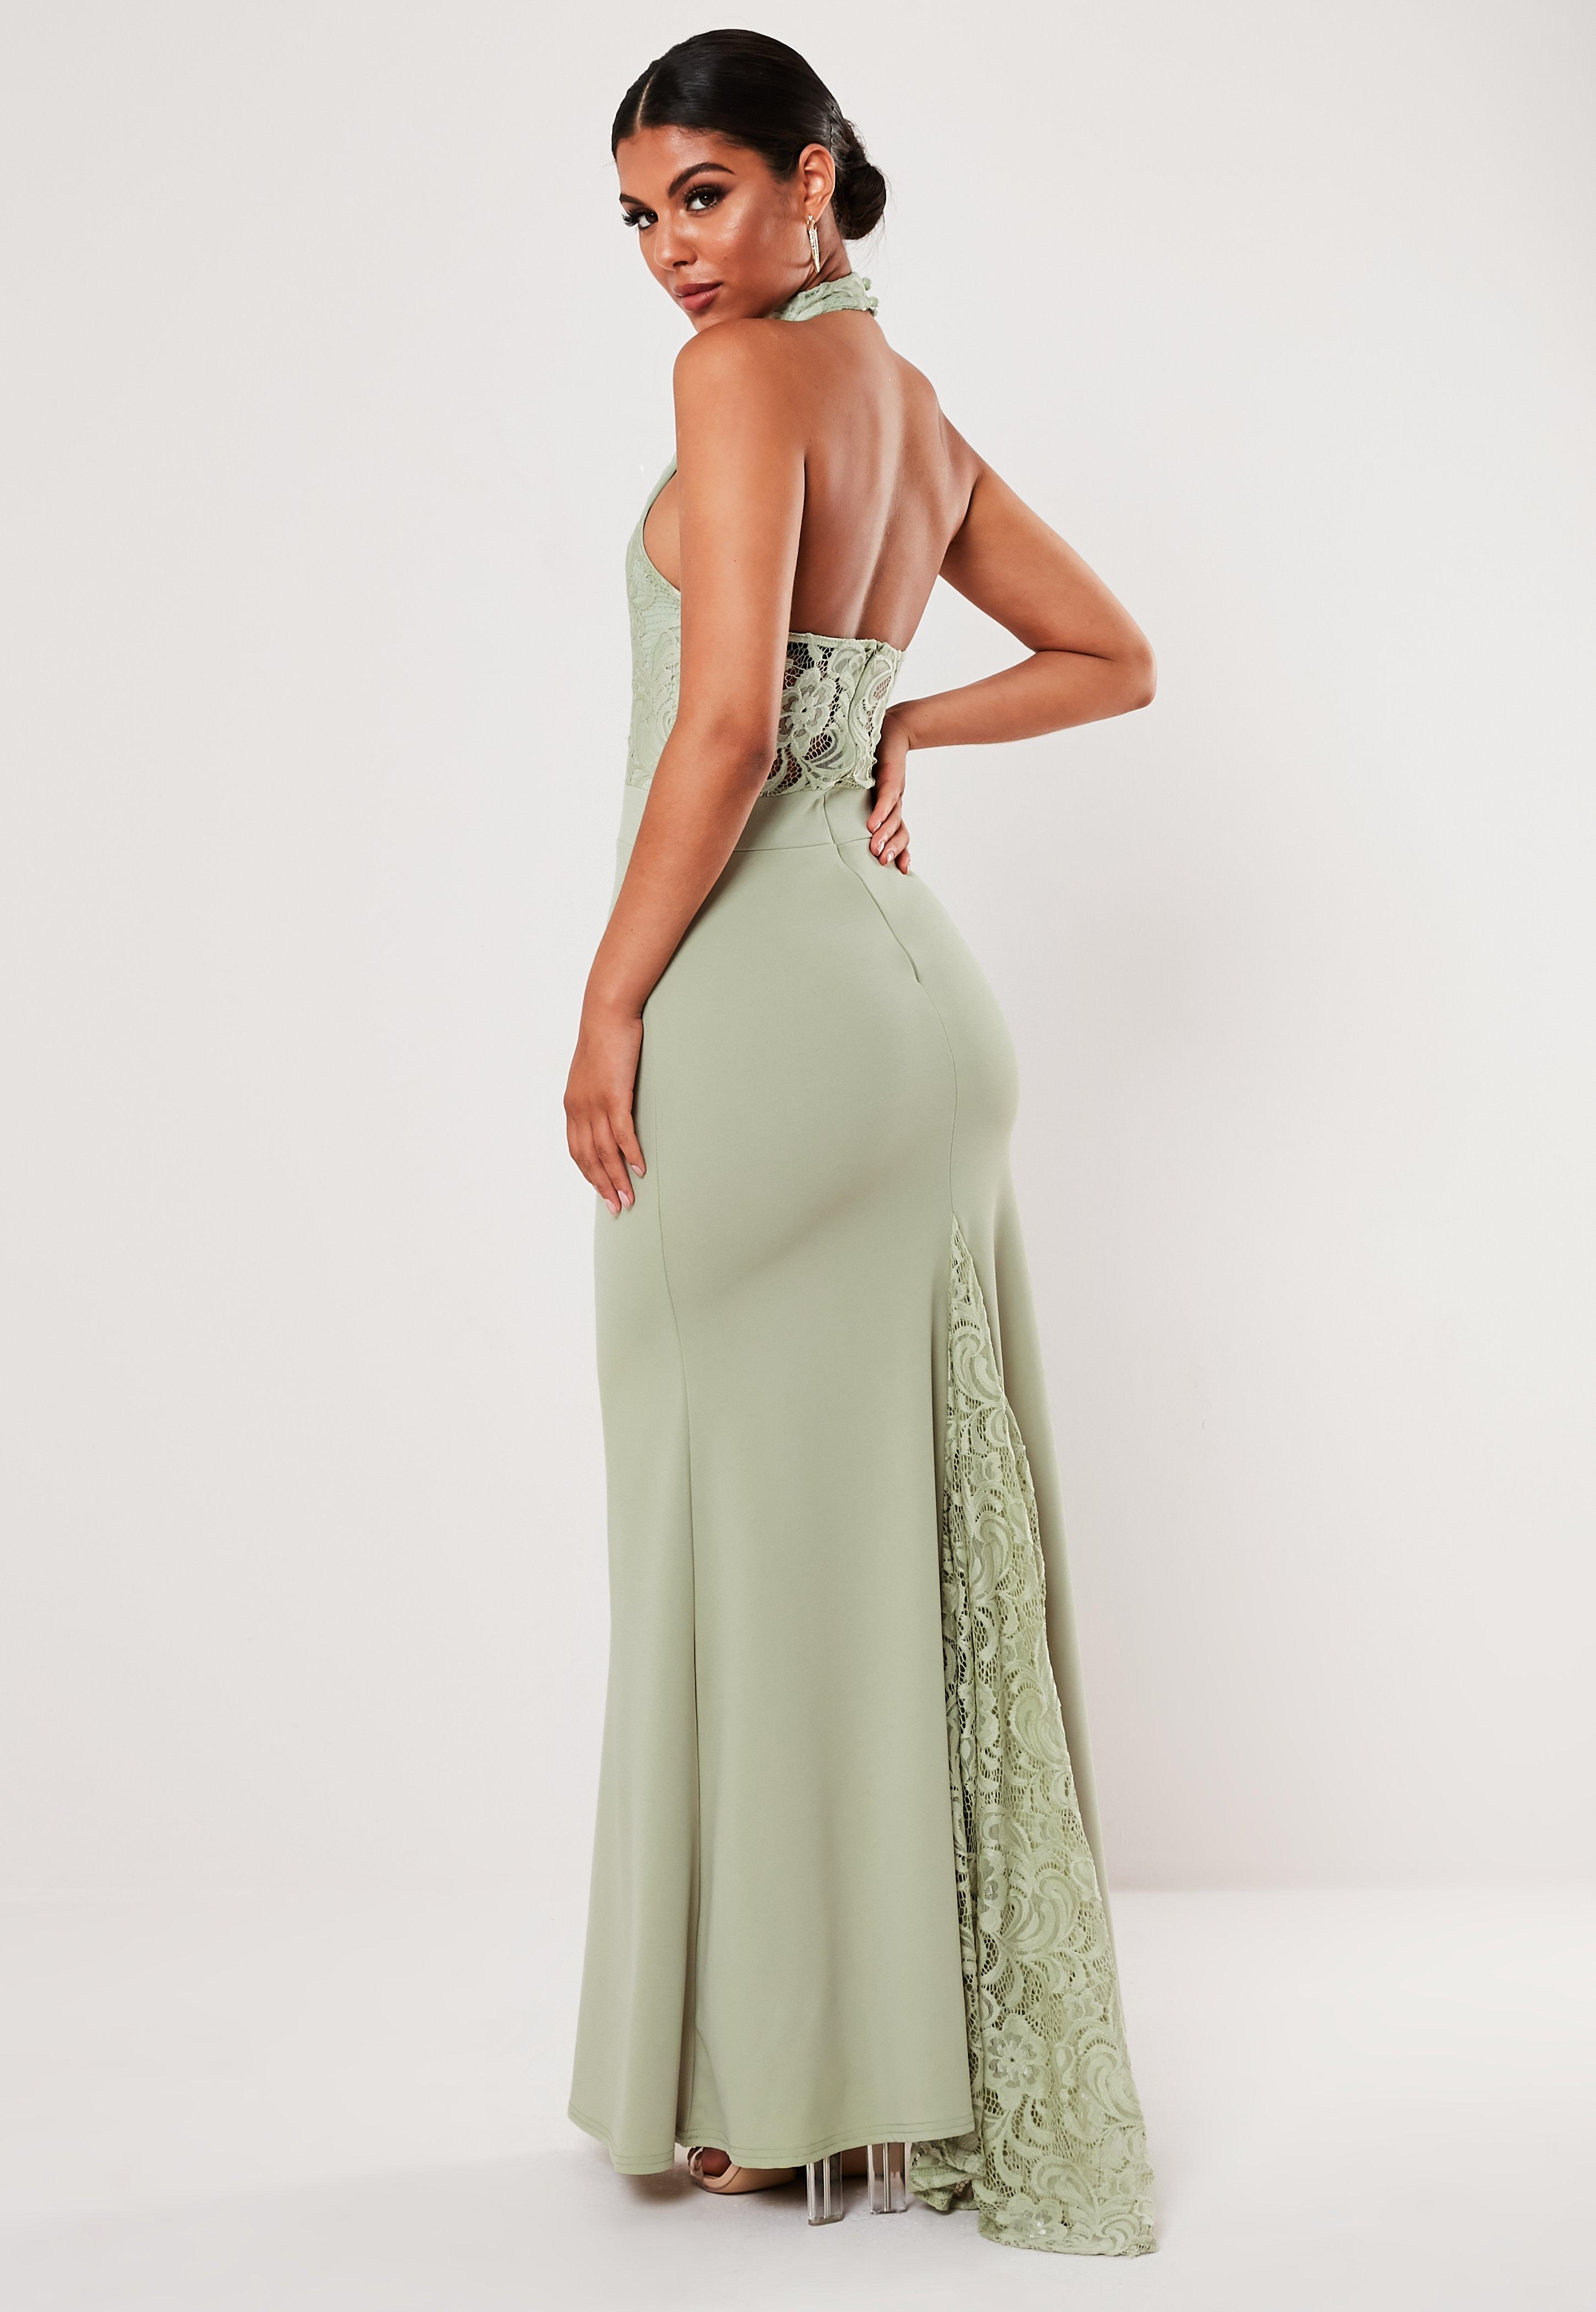 c7829a3c40e63 Cocktail Dresses | Elegant & Black Tie Dresses - Missguided